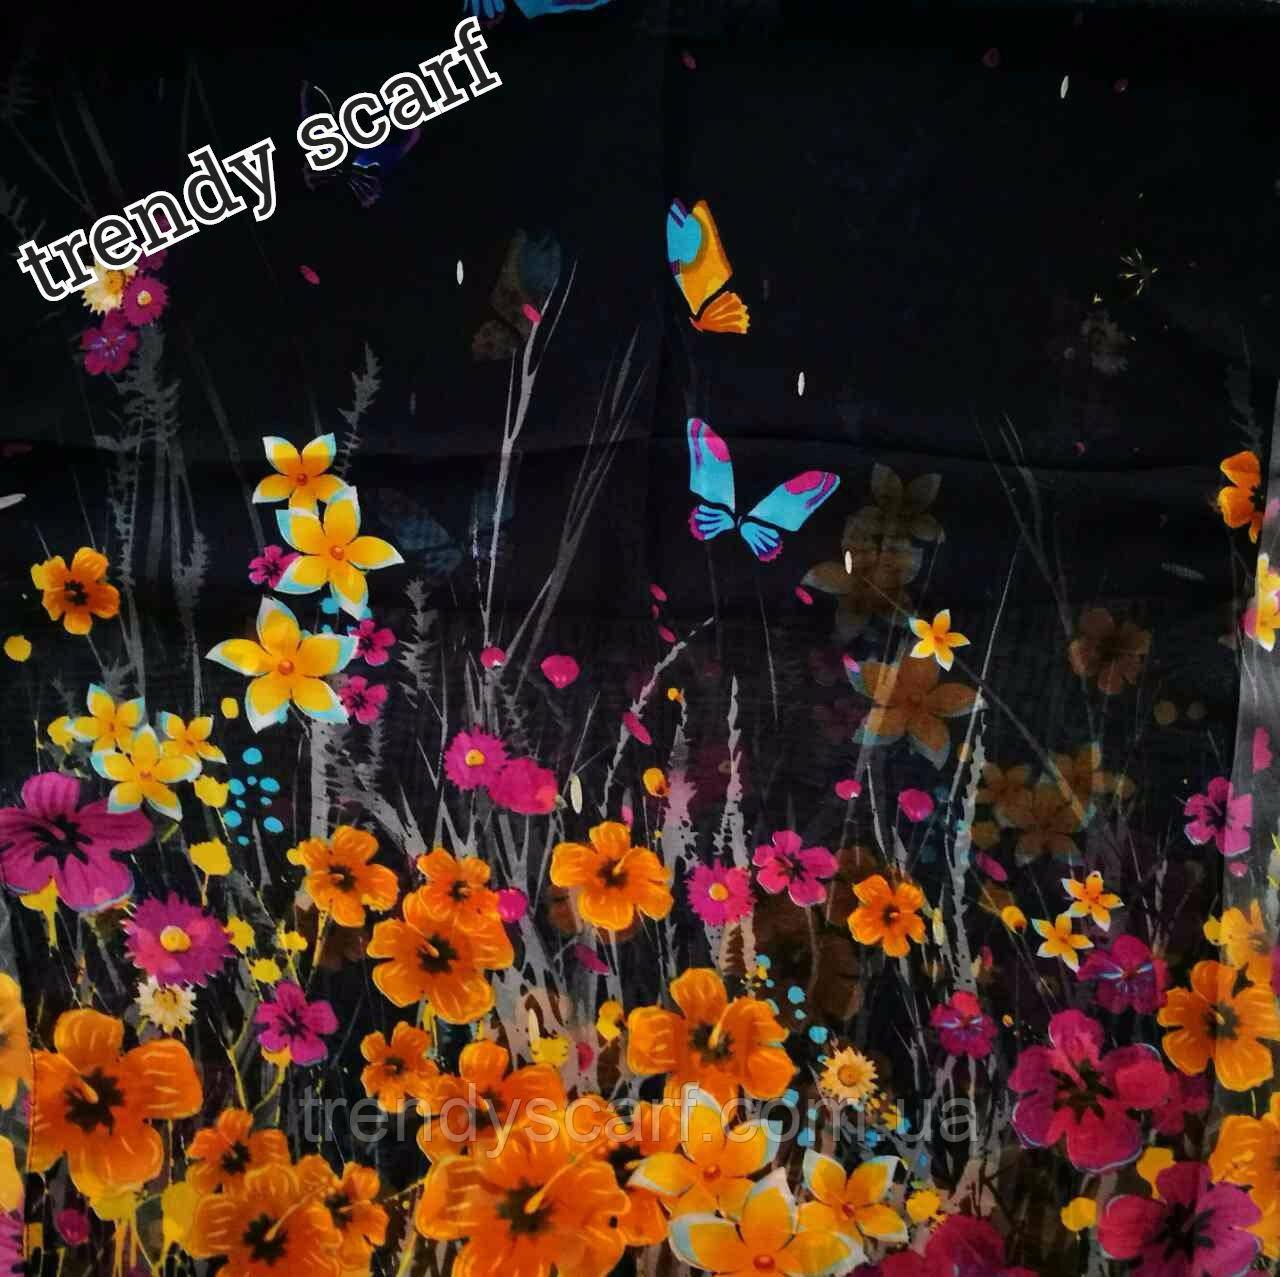 Женский Шифоновый черный шарф цветы бабочки желтый оранжевый сиреневый голубой 150/50